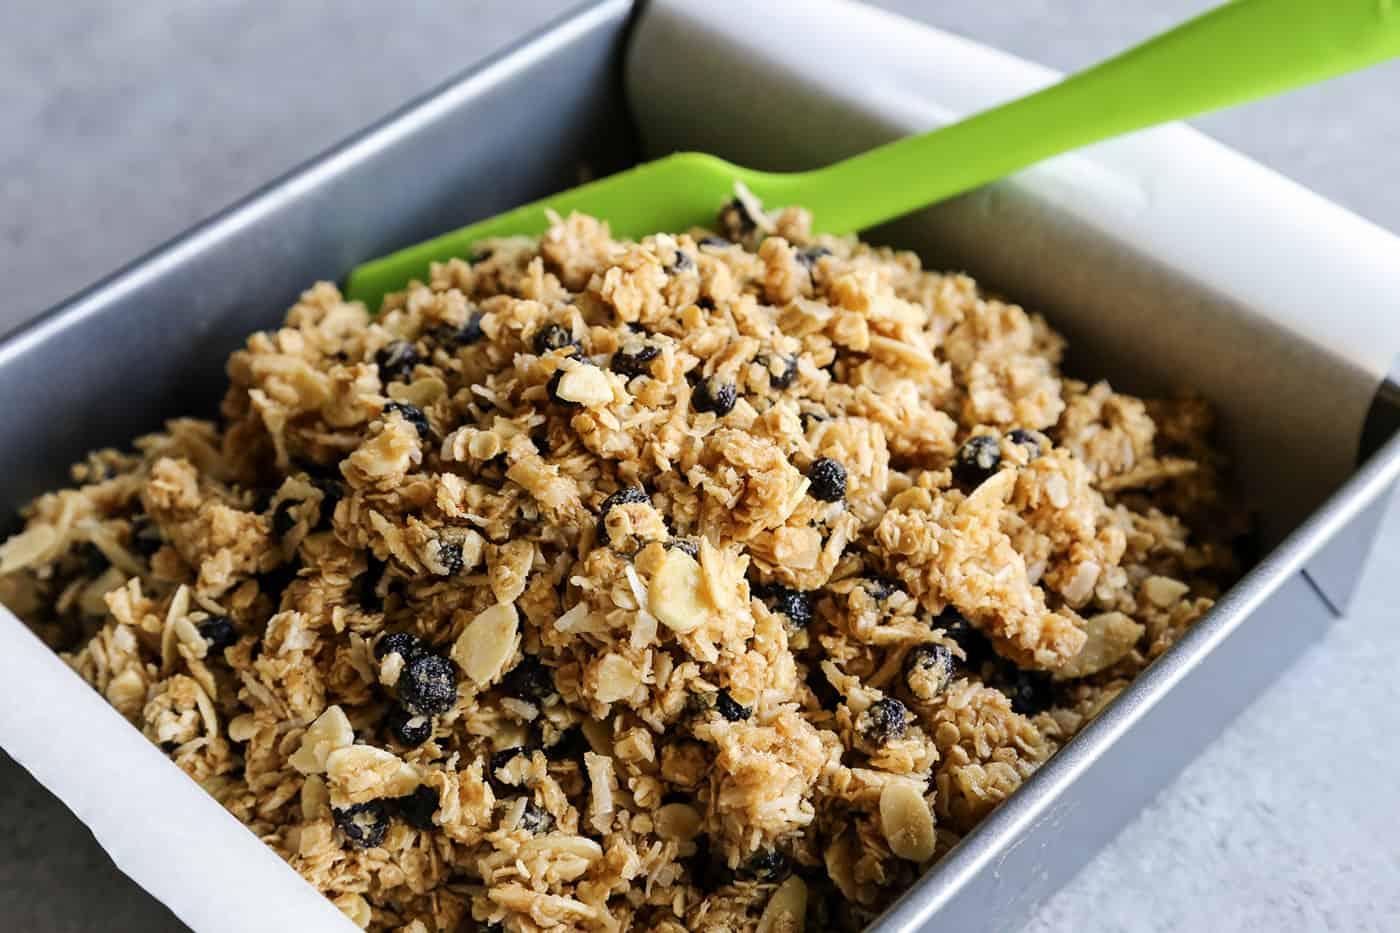 Mixing granola bar ingredients in a baking dish